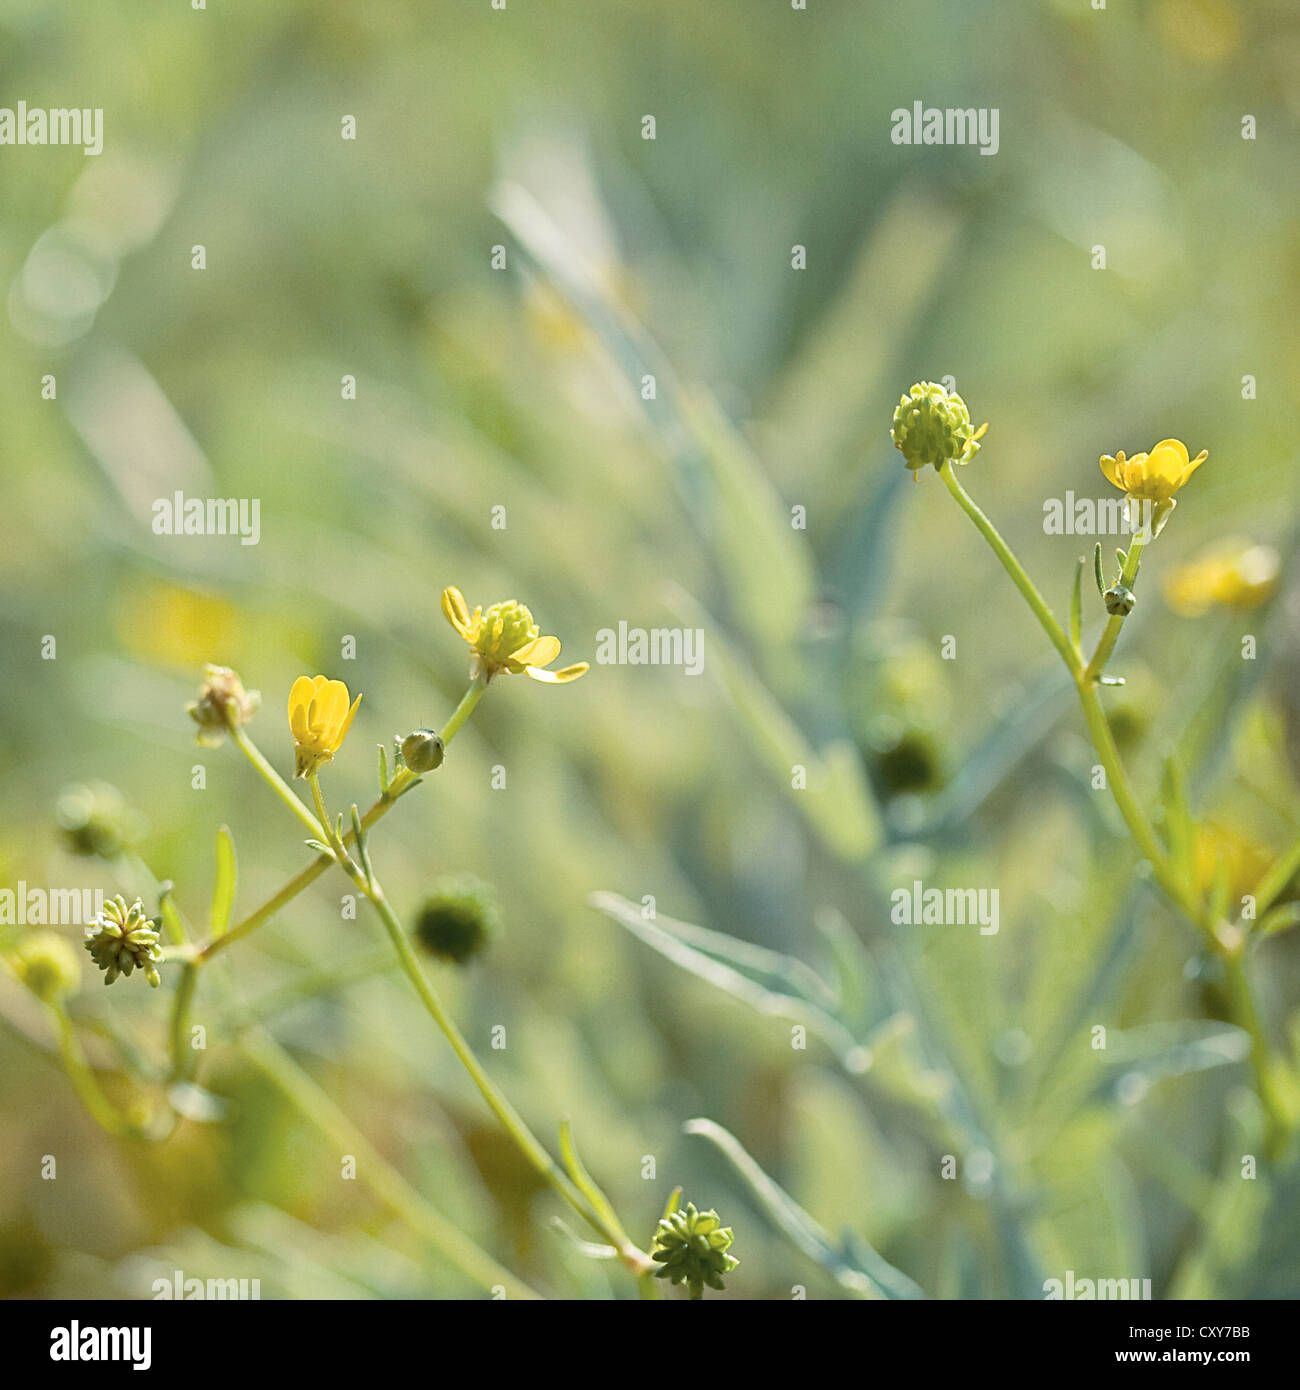 Peu de vert et jaune plantes avec un arrière-plan flou. Photo Stock